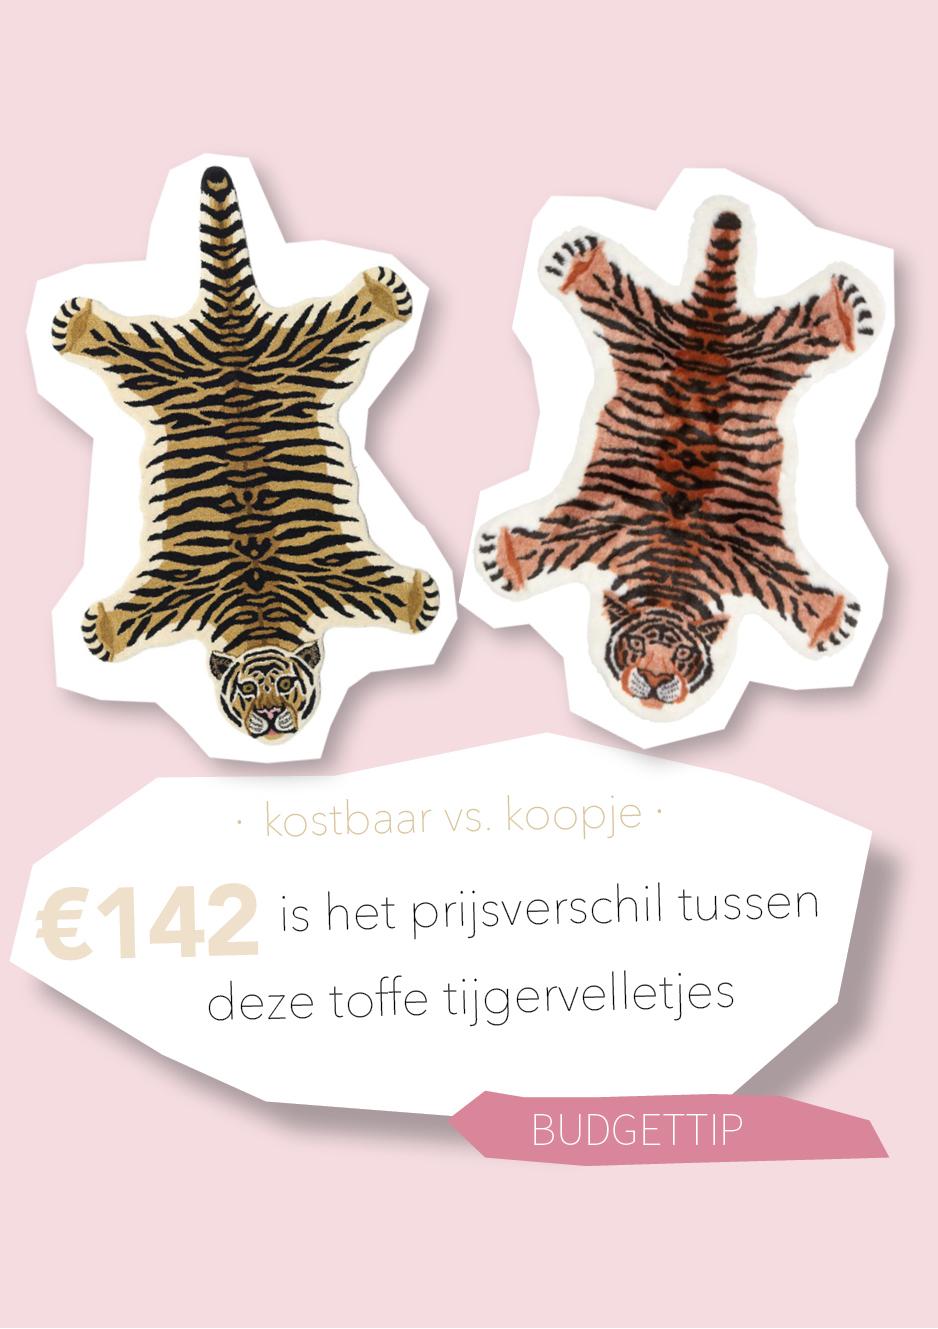 Kostbaar vs. Koopje: een van deze tijgervelletjes kost nog geen €15